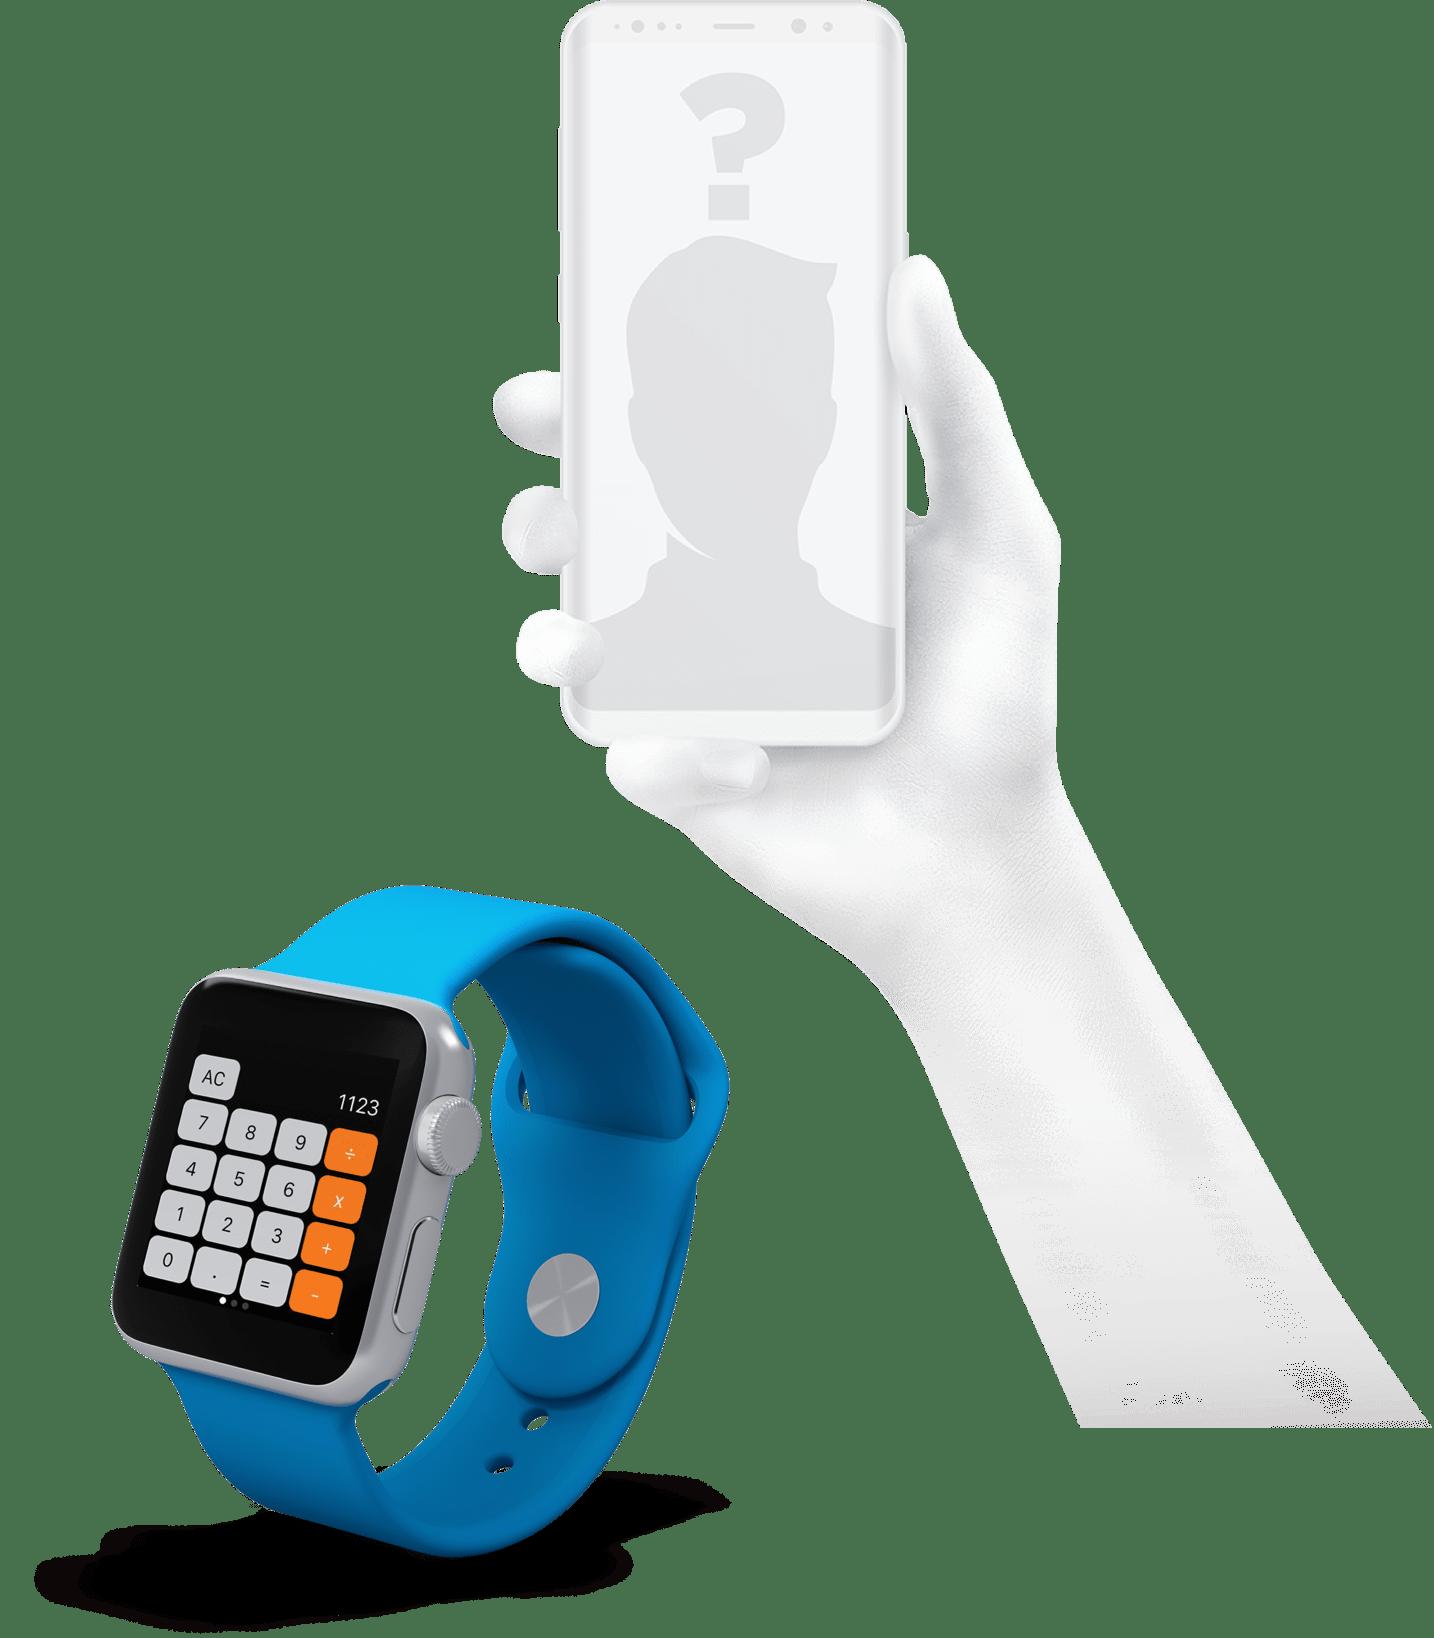 Smartwatch und mobile App